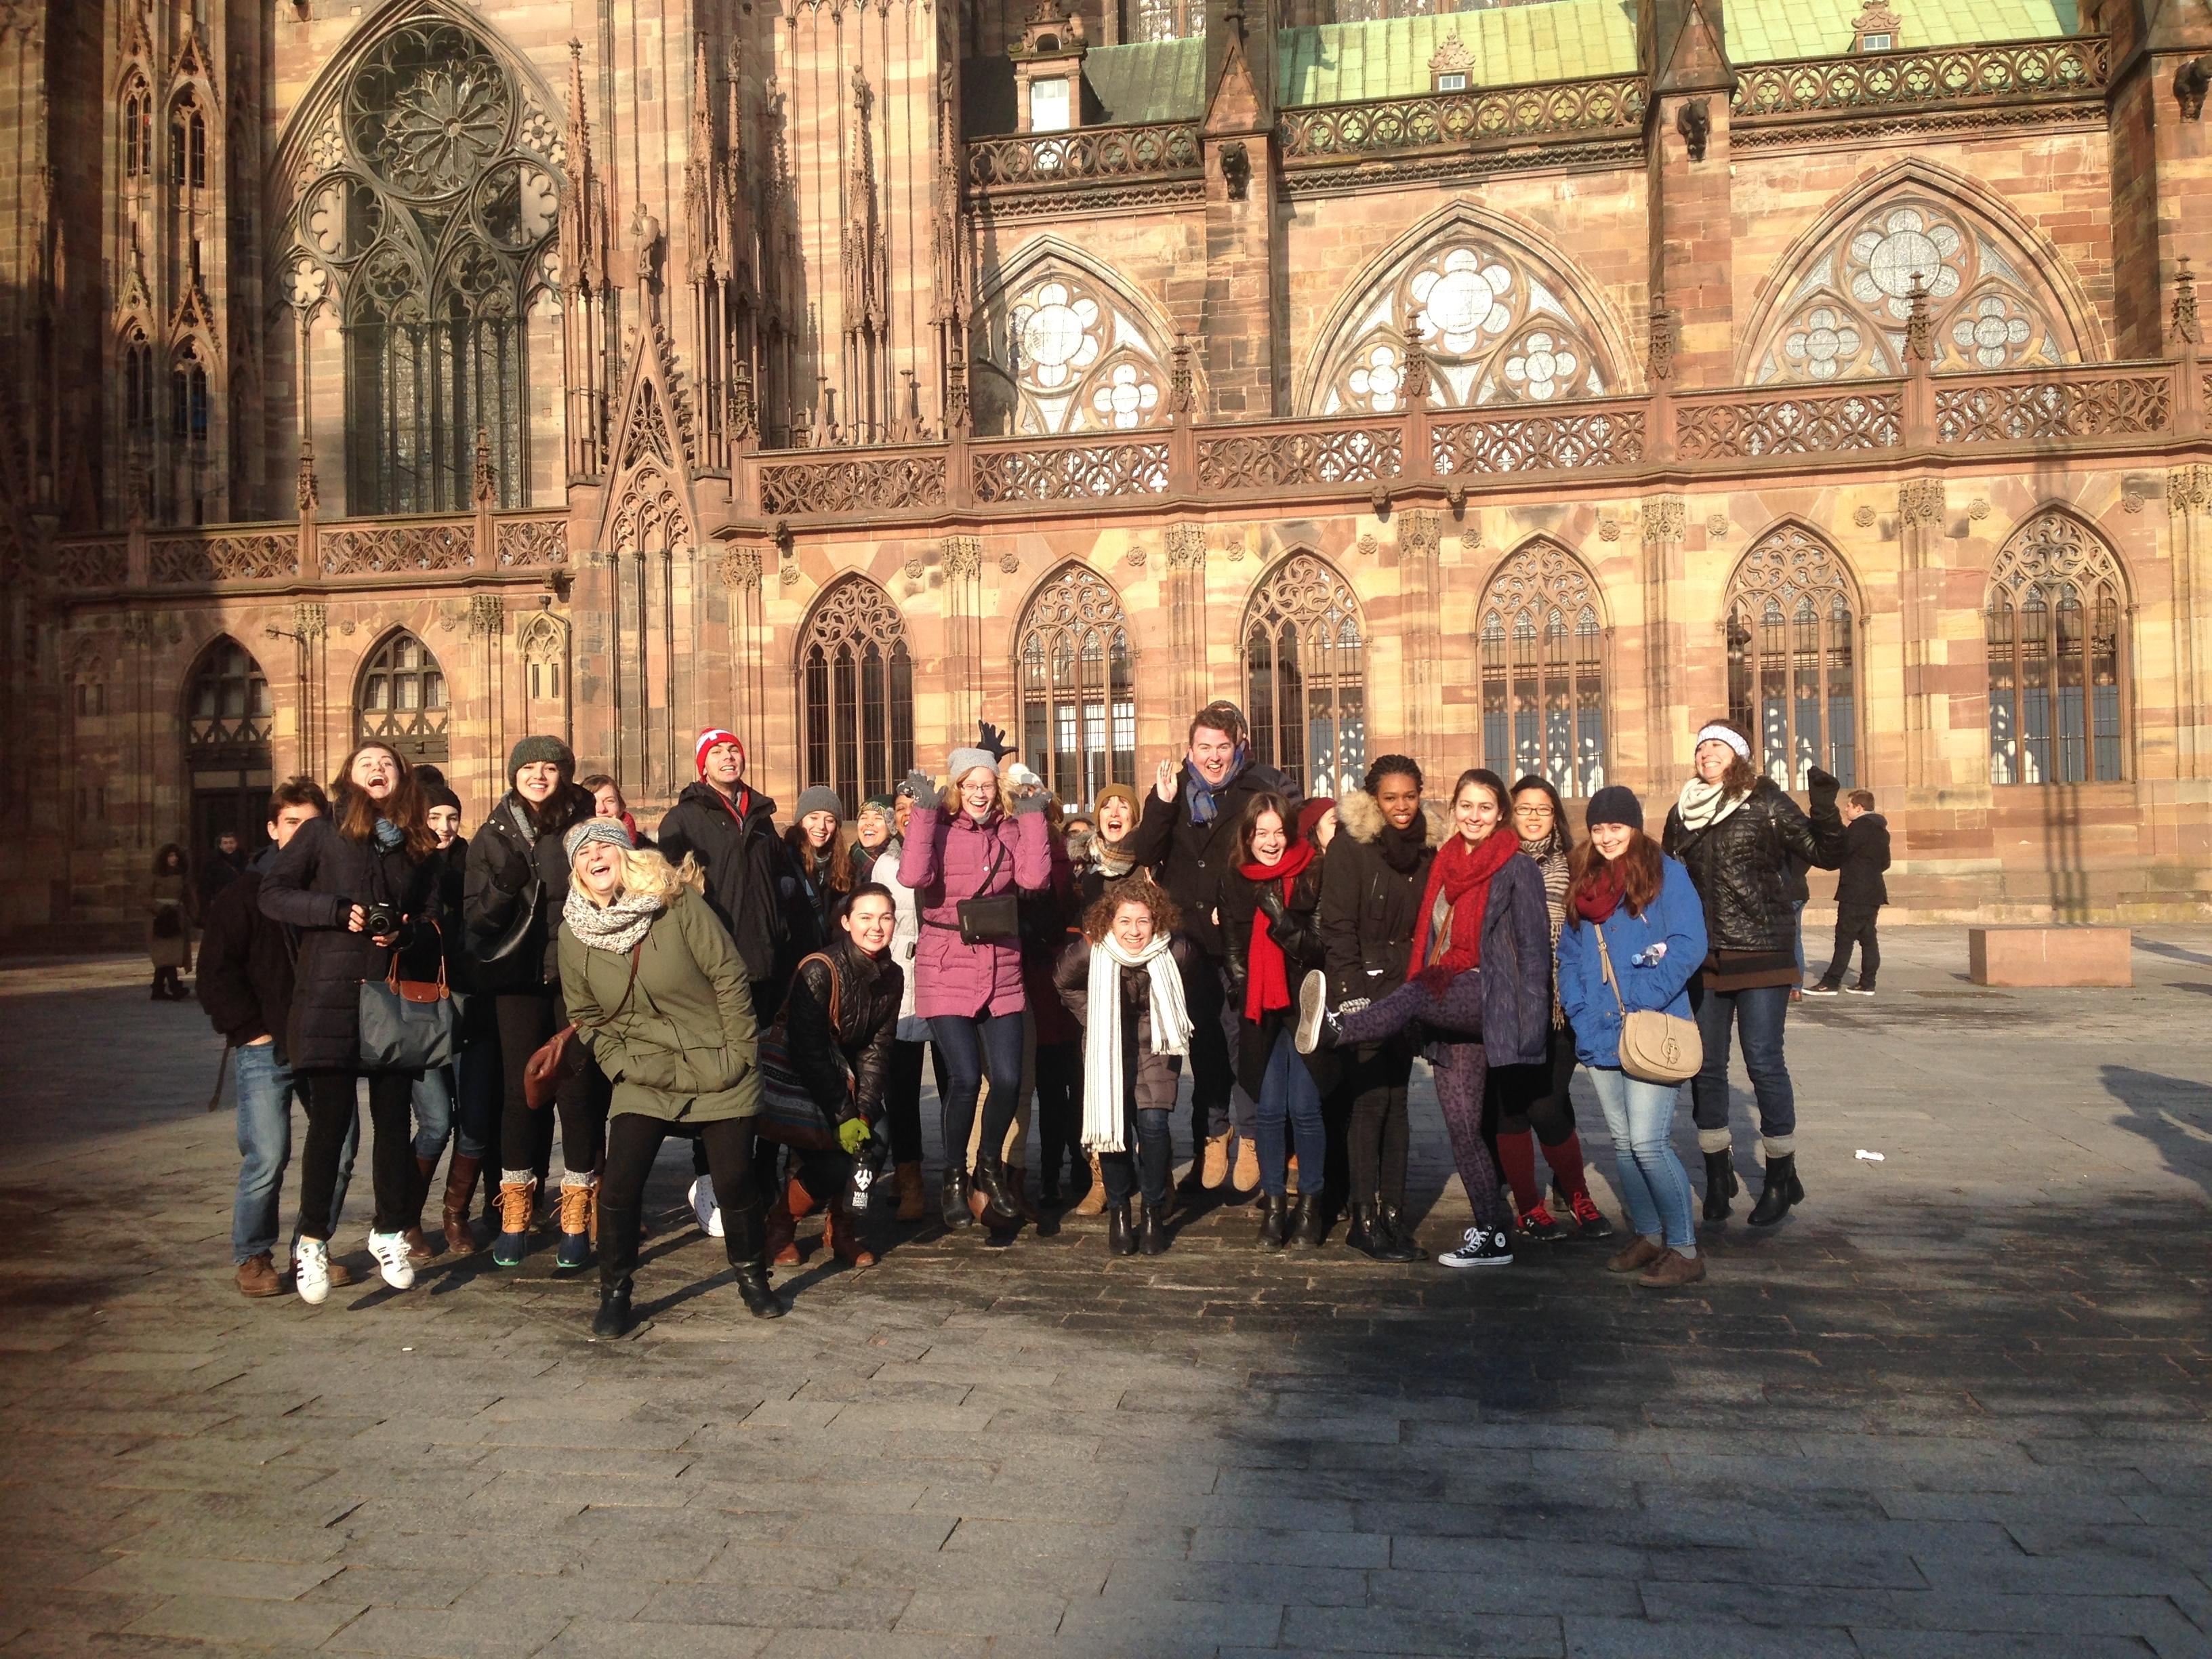 Strasbourg-cathédrale